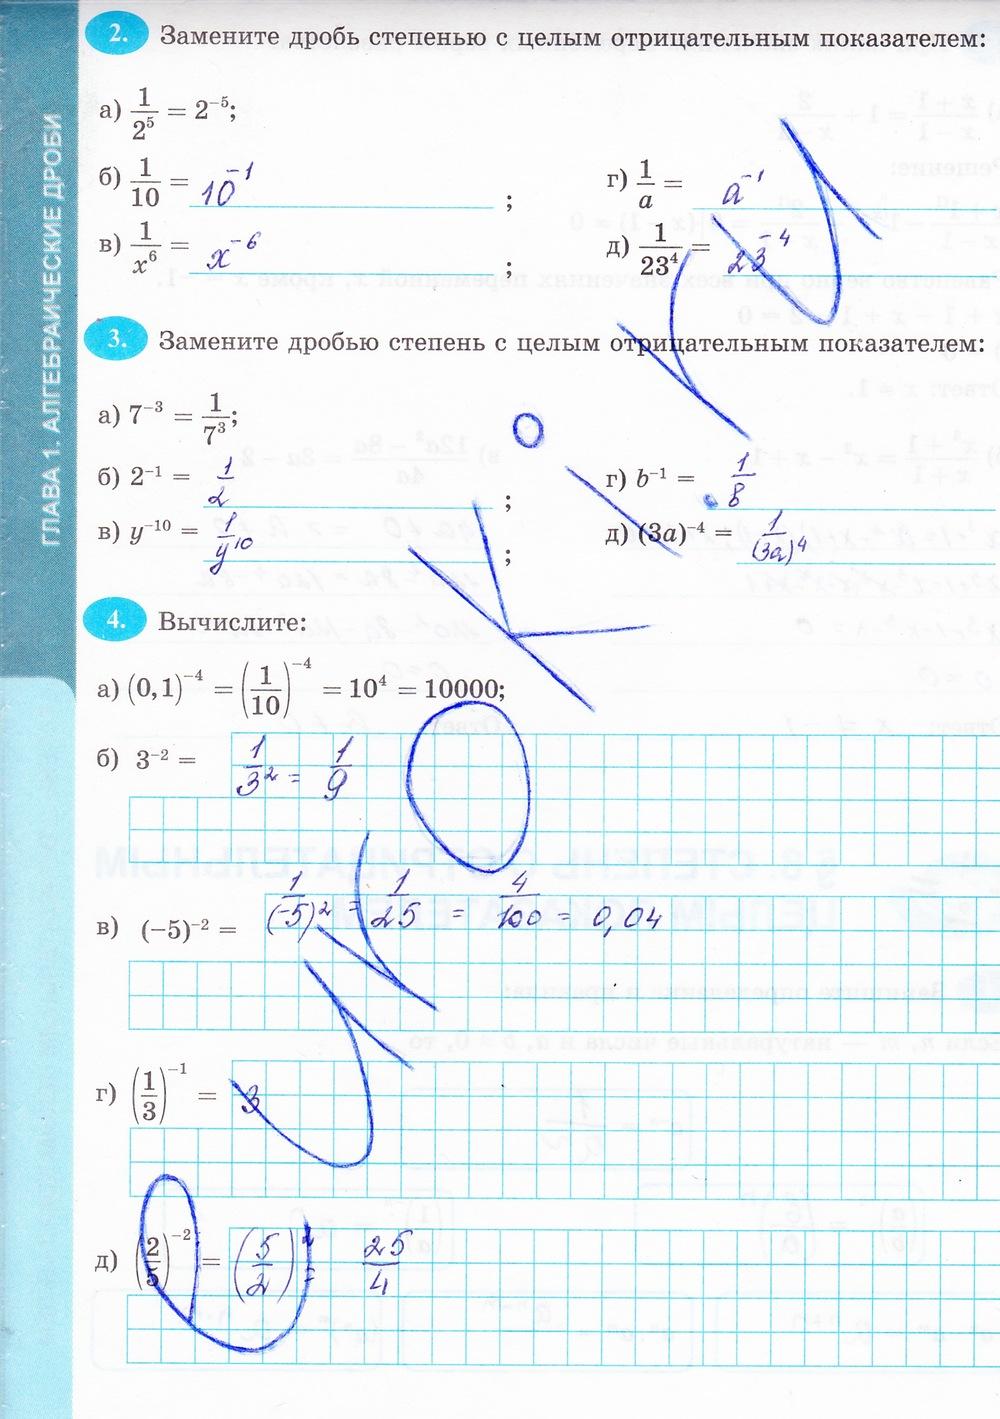 Рабочая Тетрадь По Алгебре 8 Класса Мордкович 1 Часть Гдз